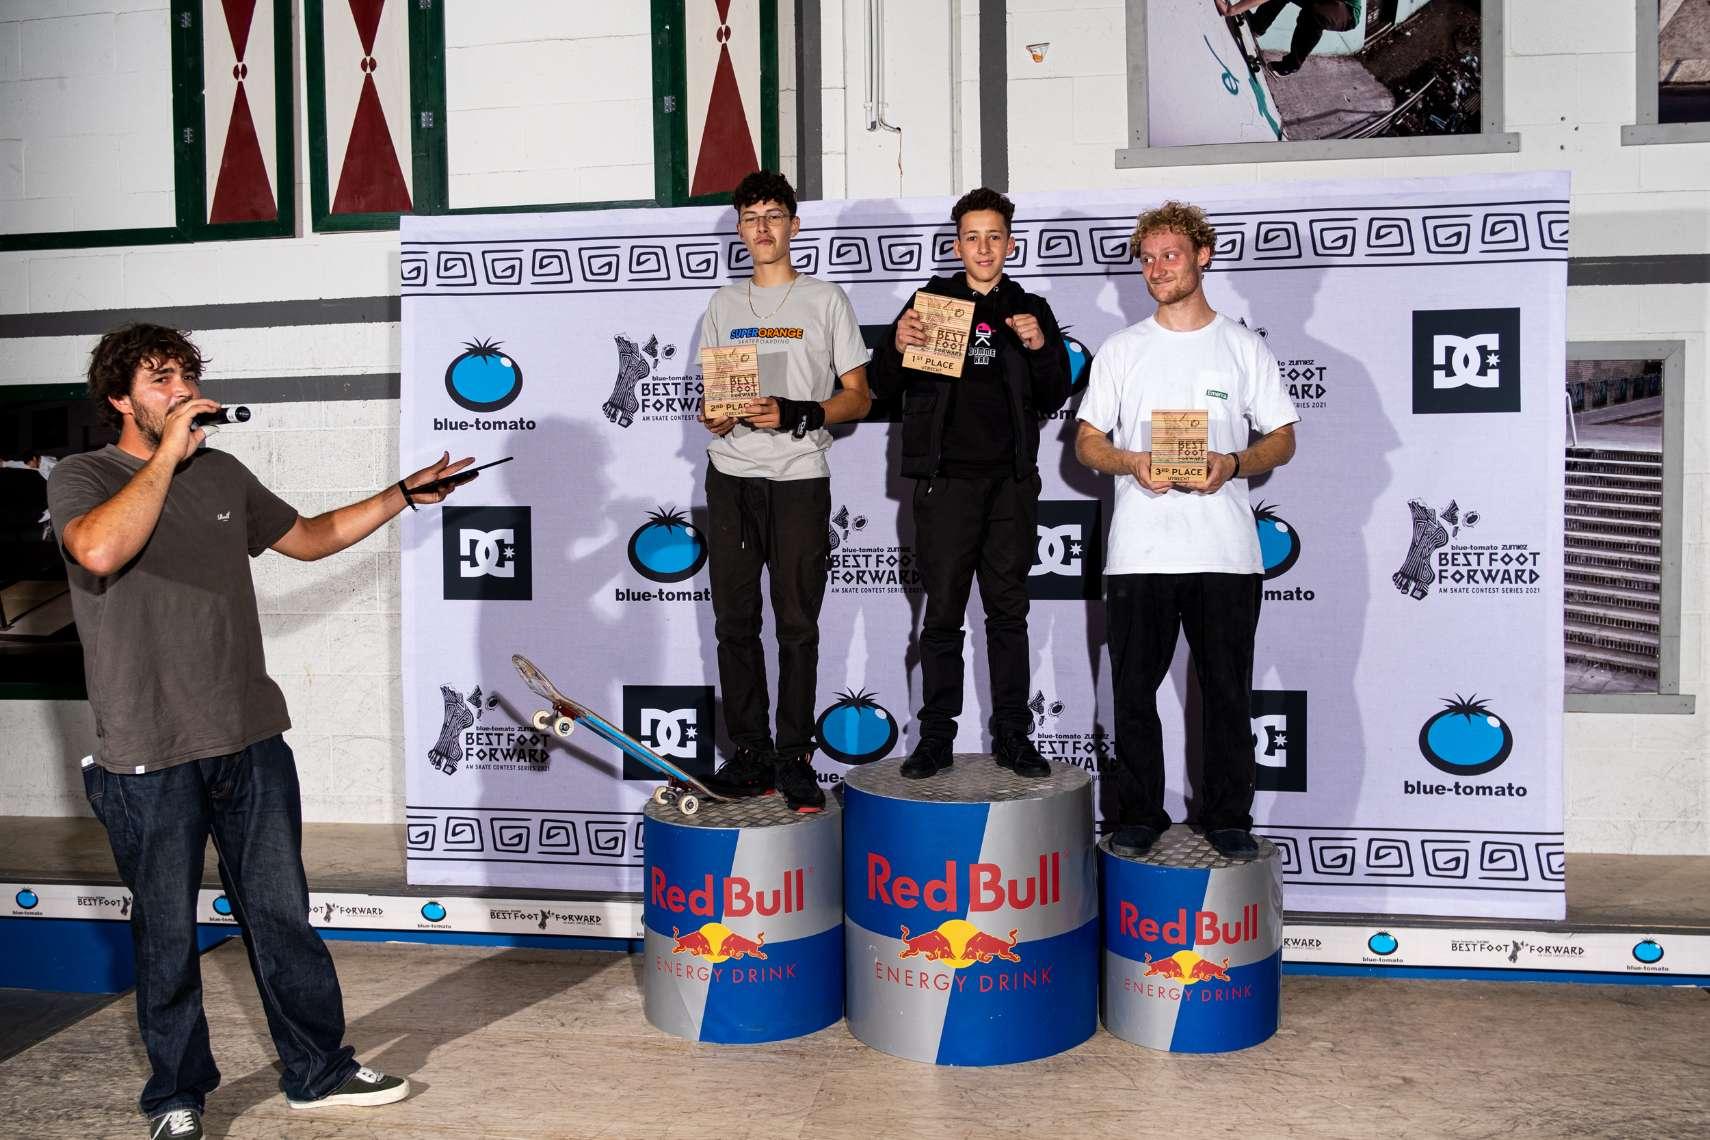 Top 3 men: 1st place Djai Marchen, 2nd place Daniel Moragues, 3rd place Teun Janssen